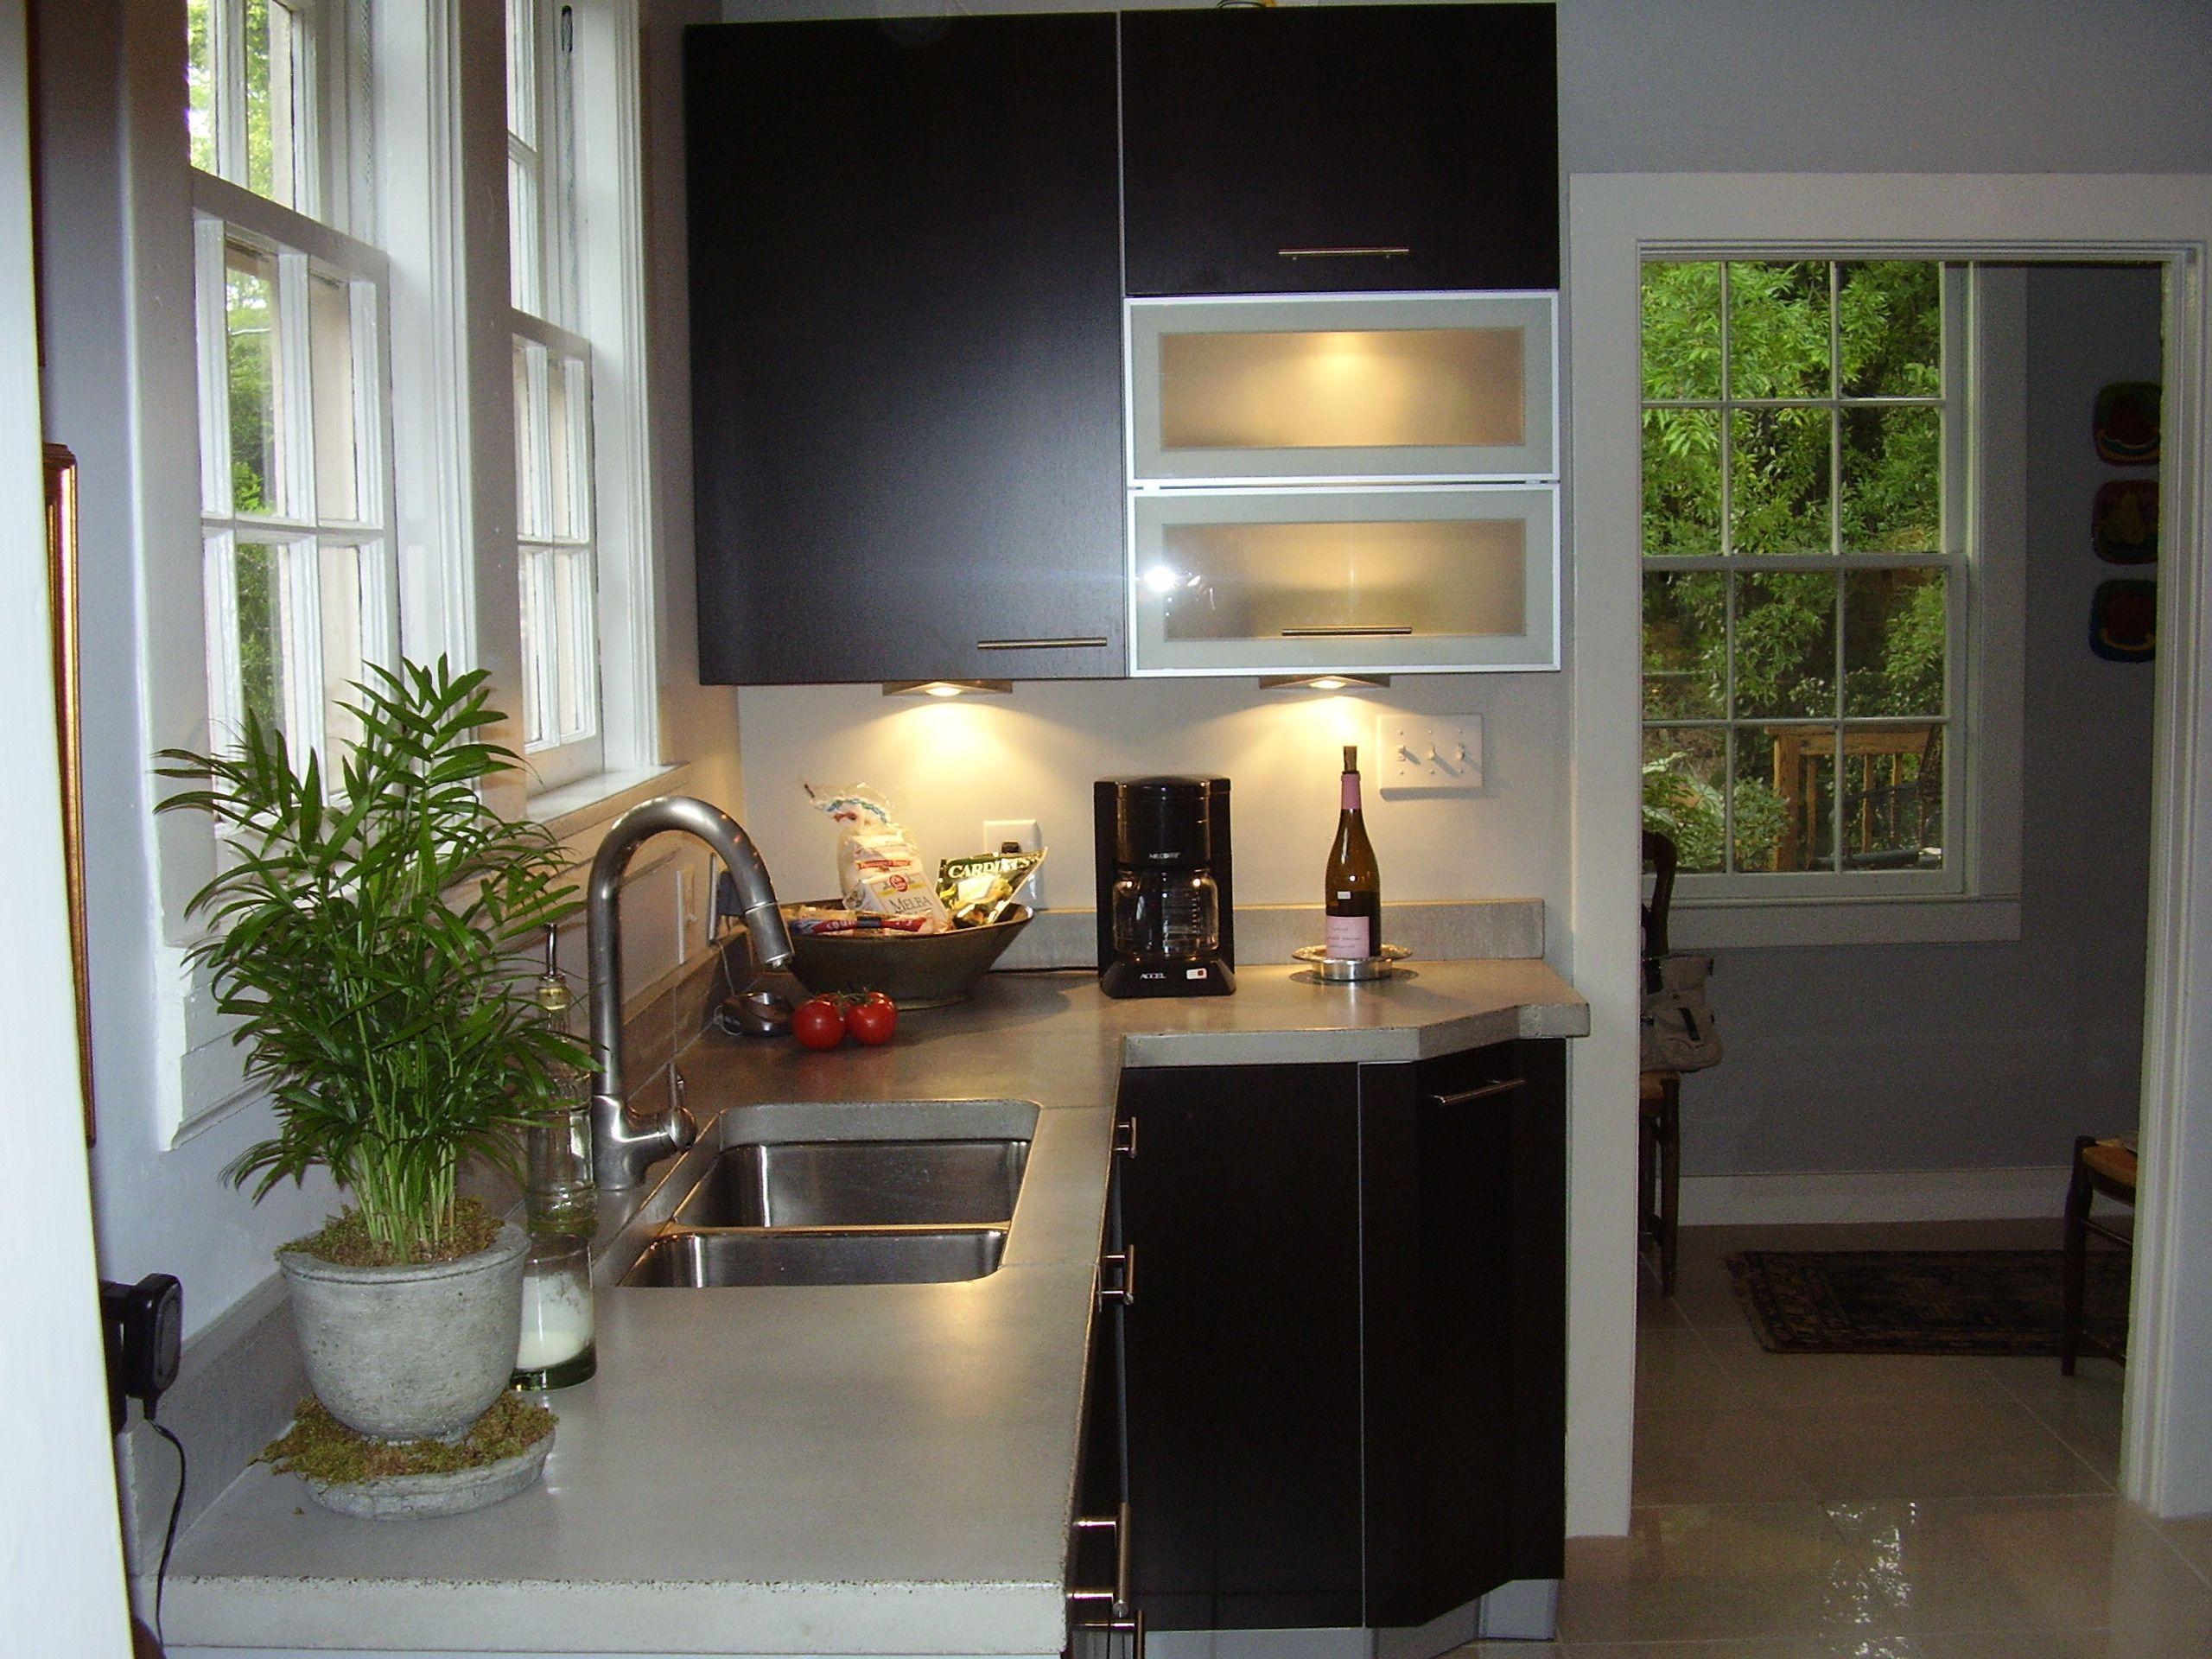 Kitchens | Atlanta Homes & Lifestyles | Kitchen, Atlanta ...